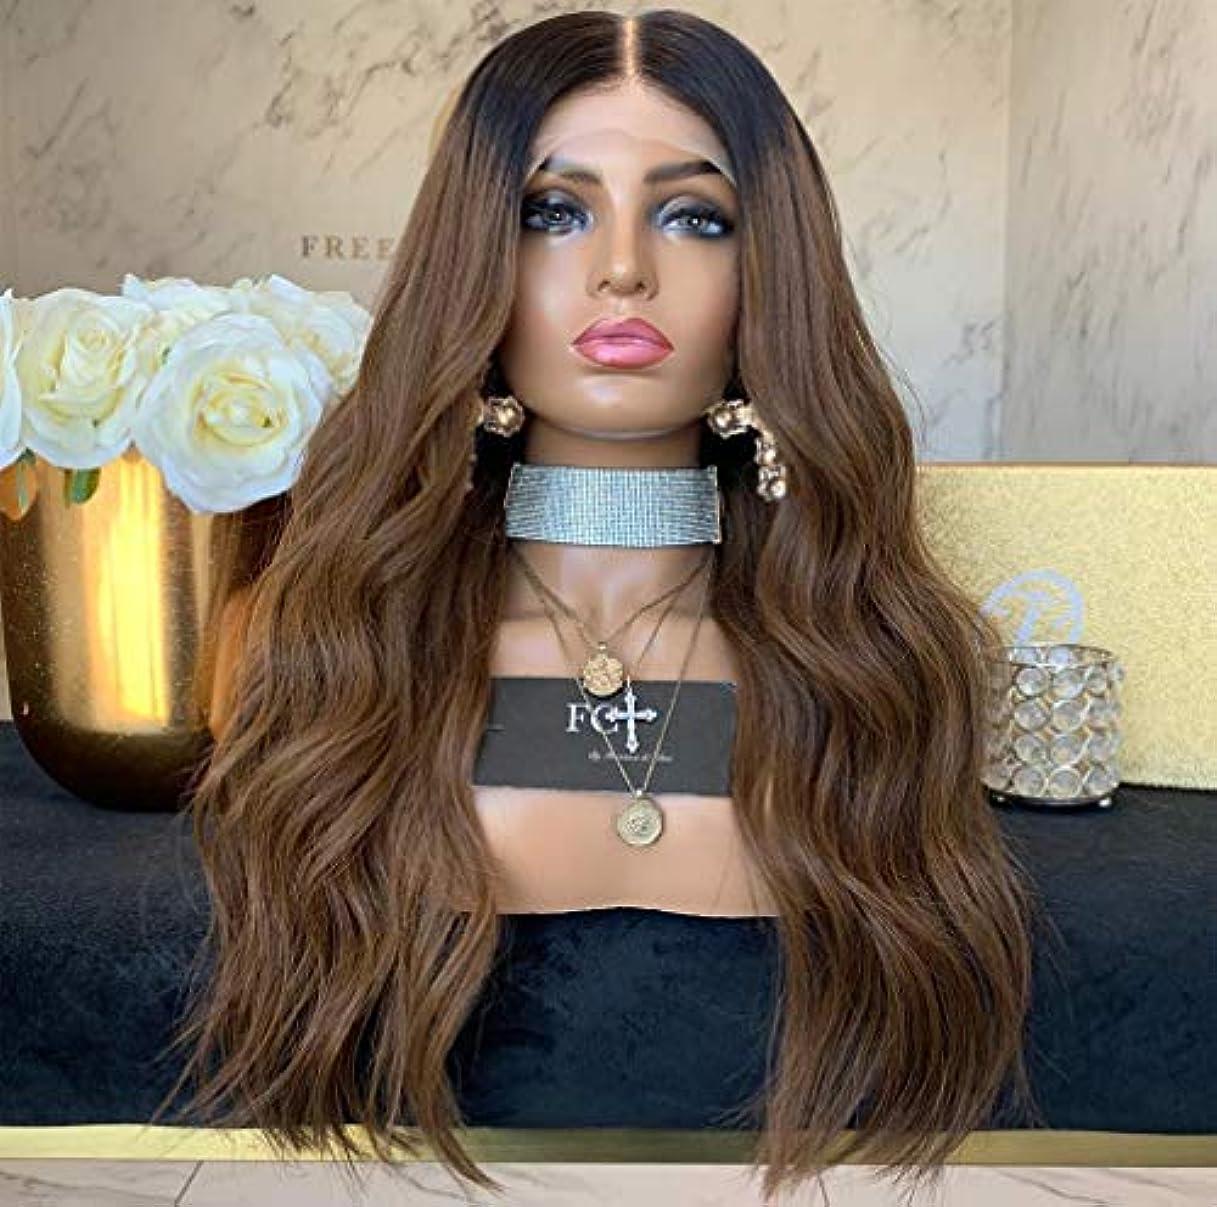 共和国甲虫ネイティブ女性かつら13 * 4レース前頭ディープカーリーウィッグ耐熱合成繊維人間の髪の毛をpreplucked 150%密度